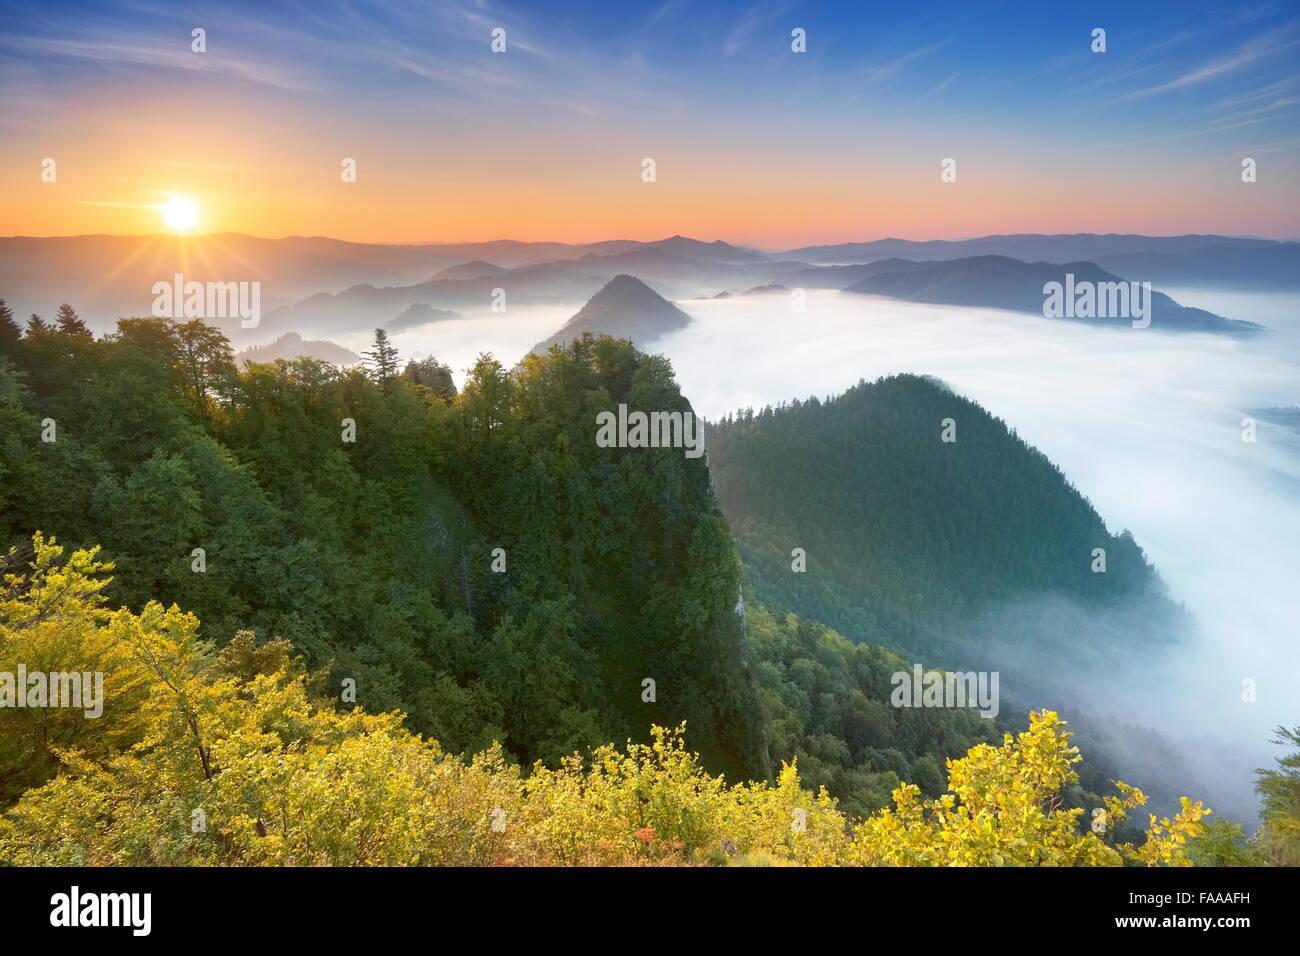 Las montañas Pieniny Trzy Korony, vista desde el pico, Polonia Imagen De Stock